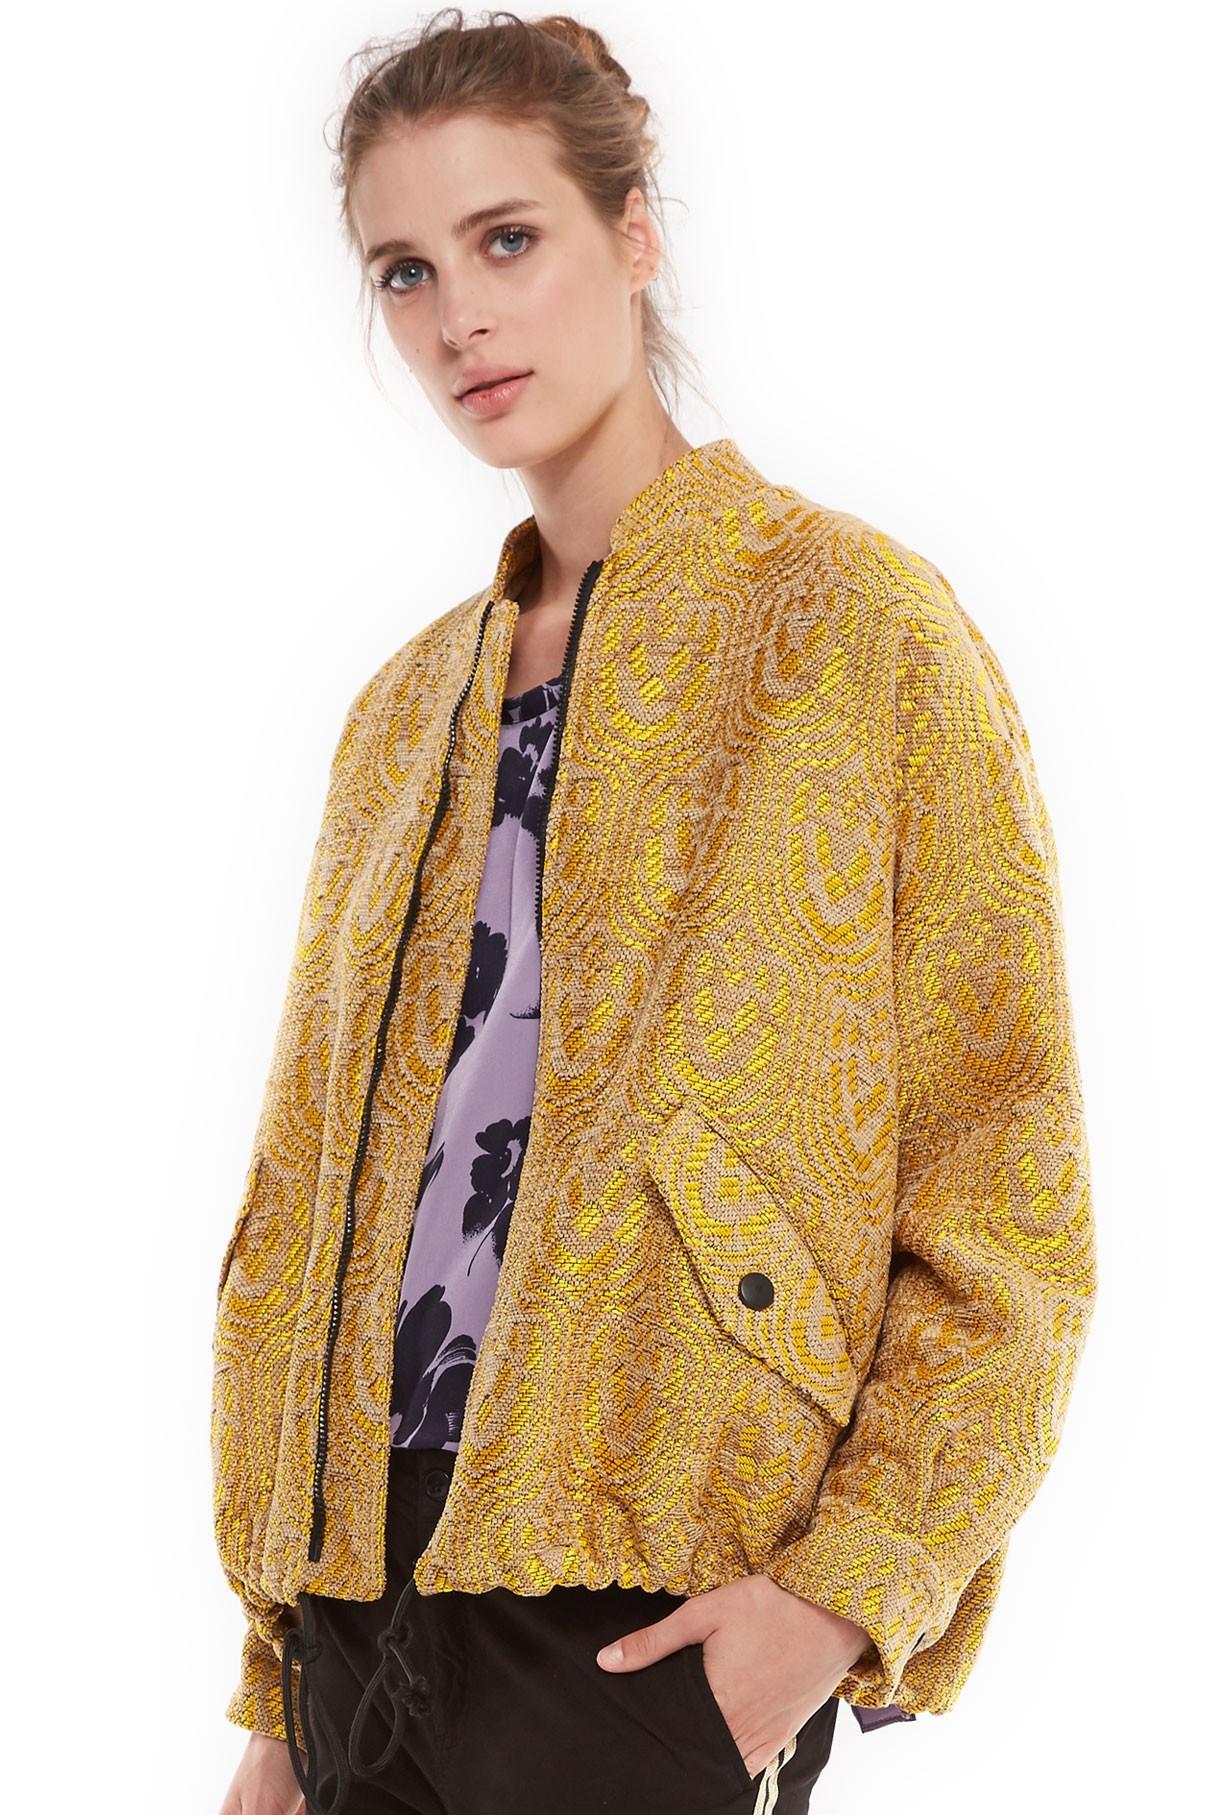 Manteau d'hiver : pourquoi il va falloir attendre encore un peu ...